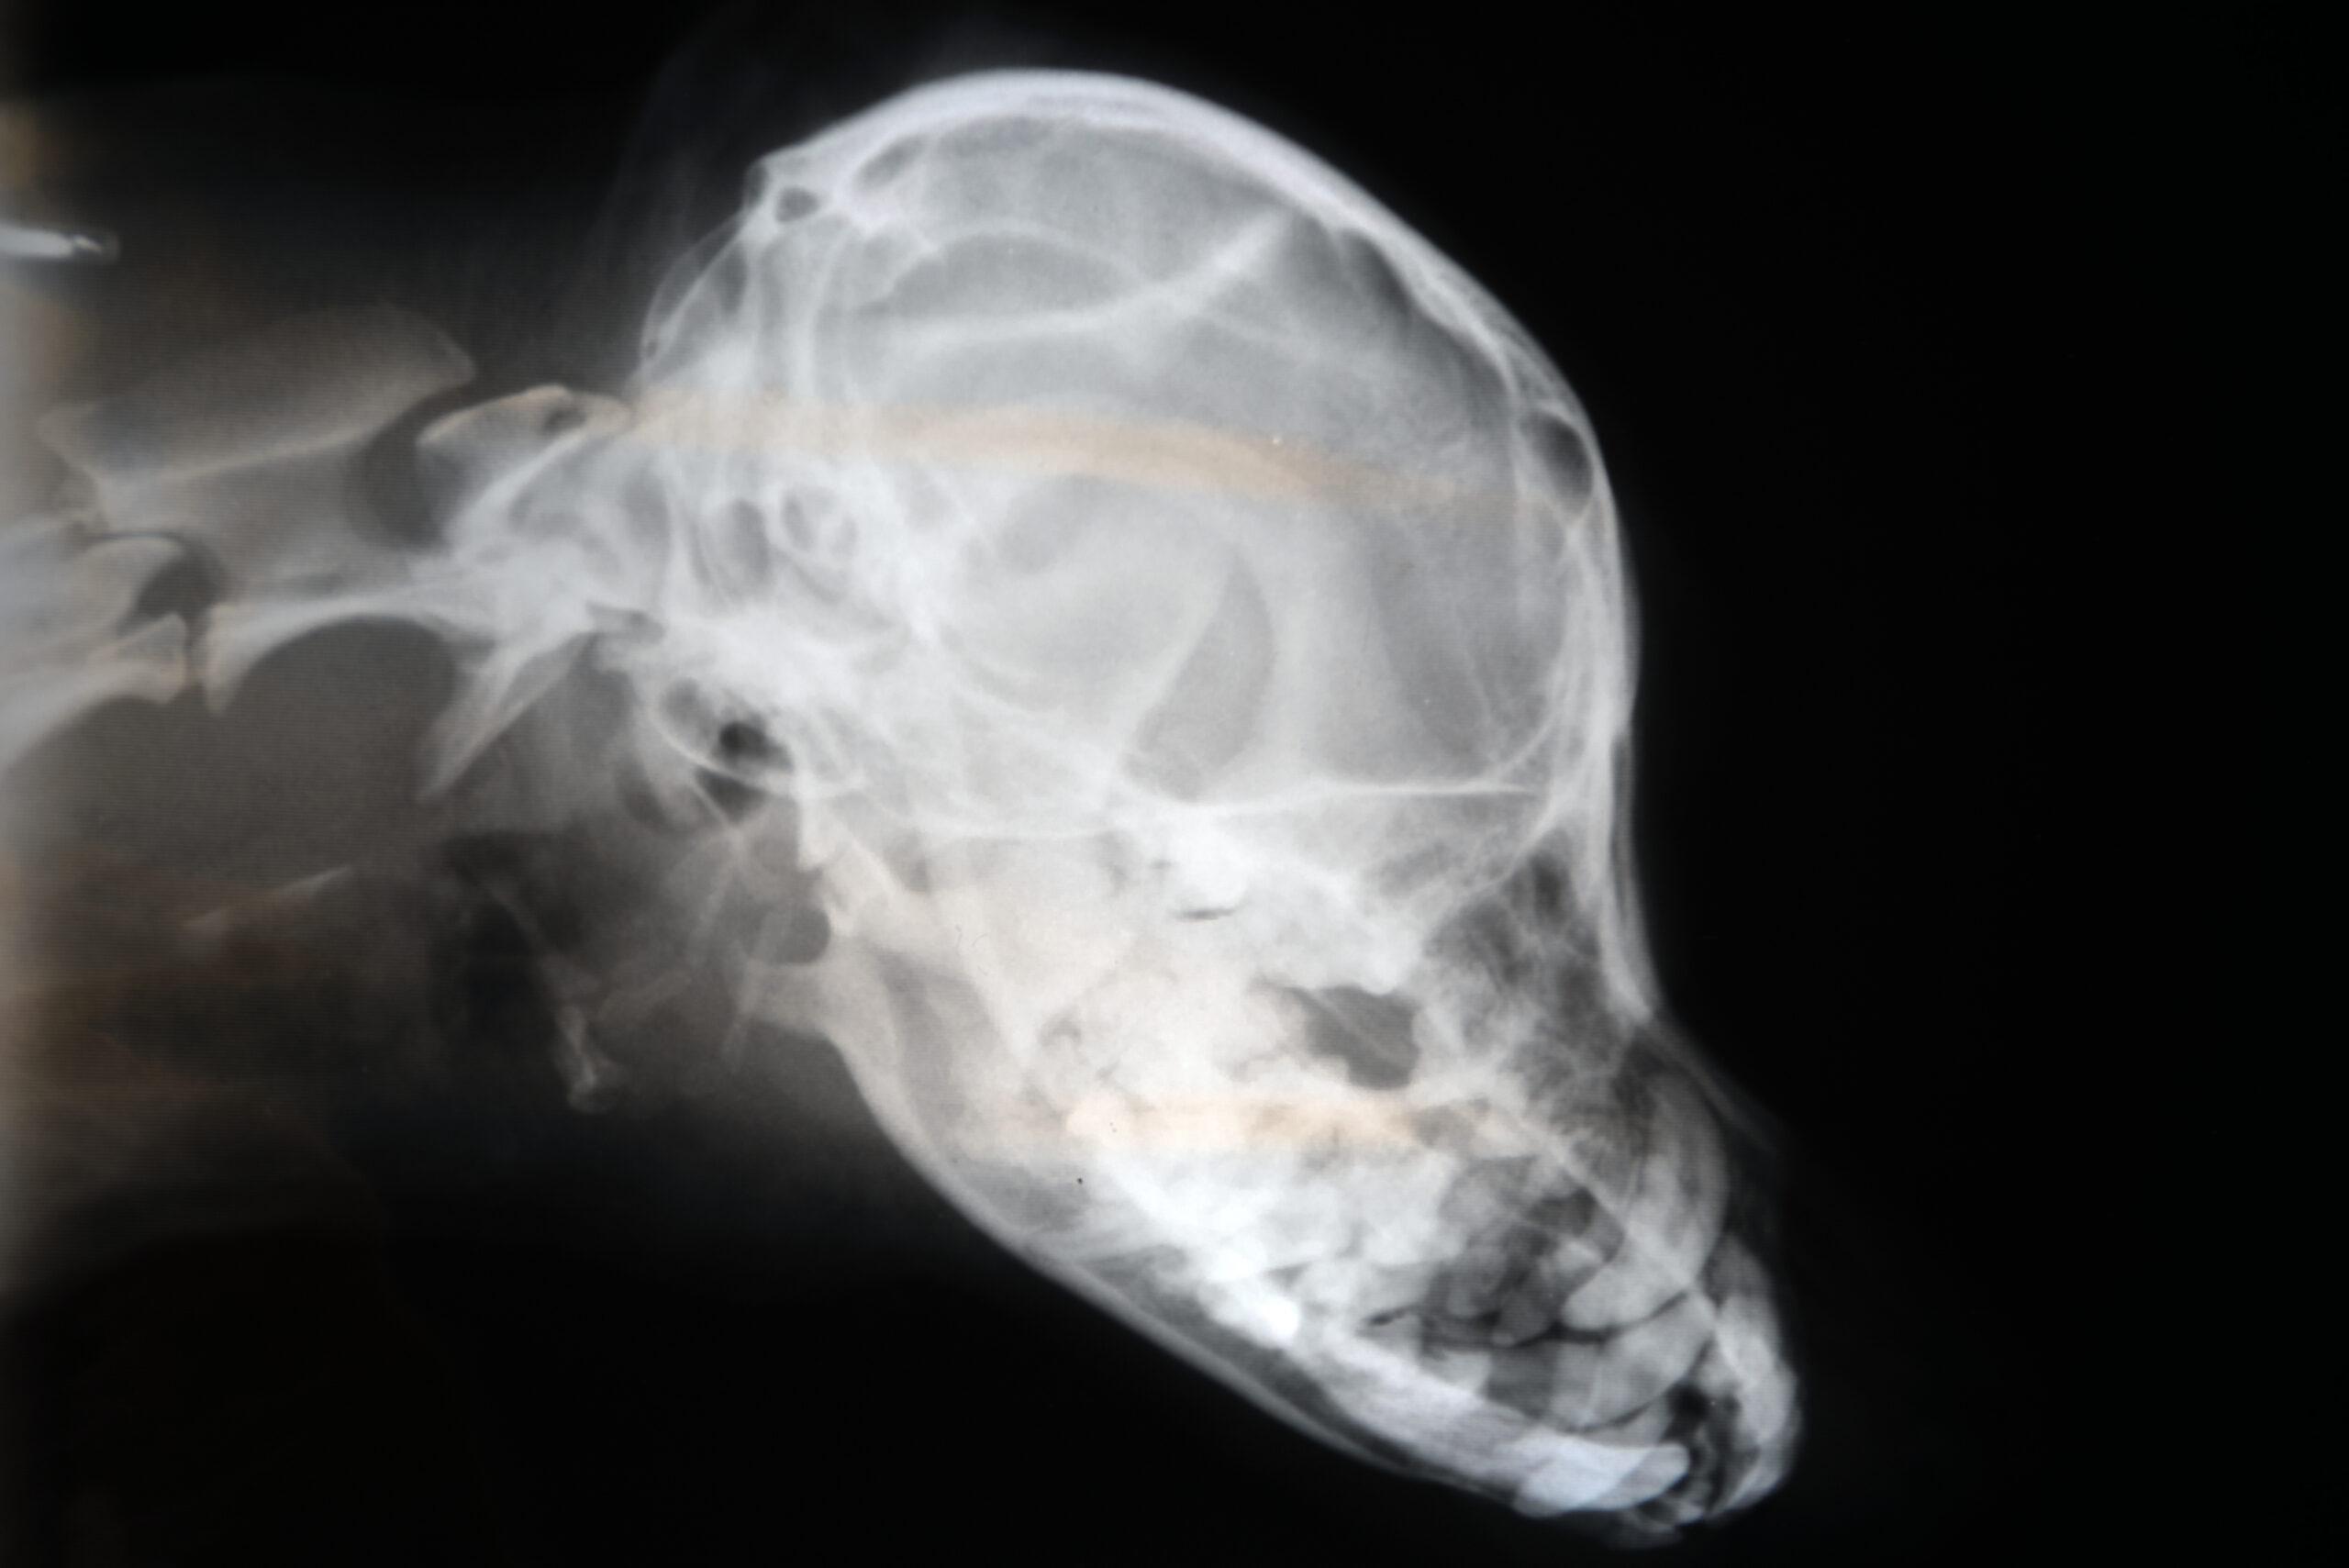 Importancia de la radiología intraoral